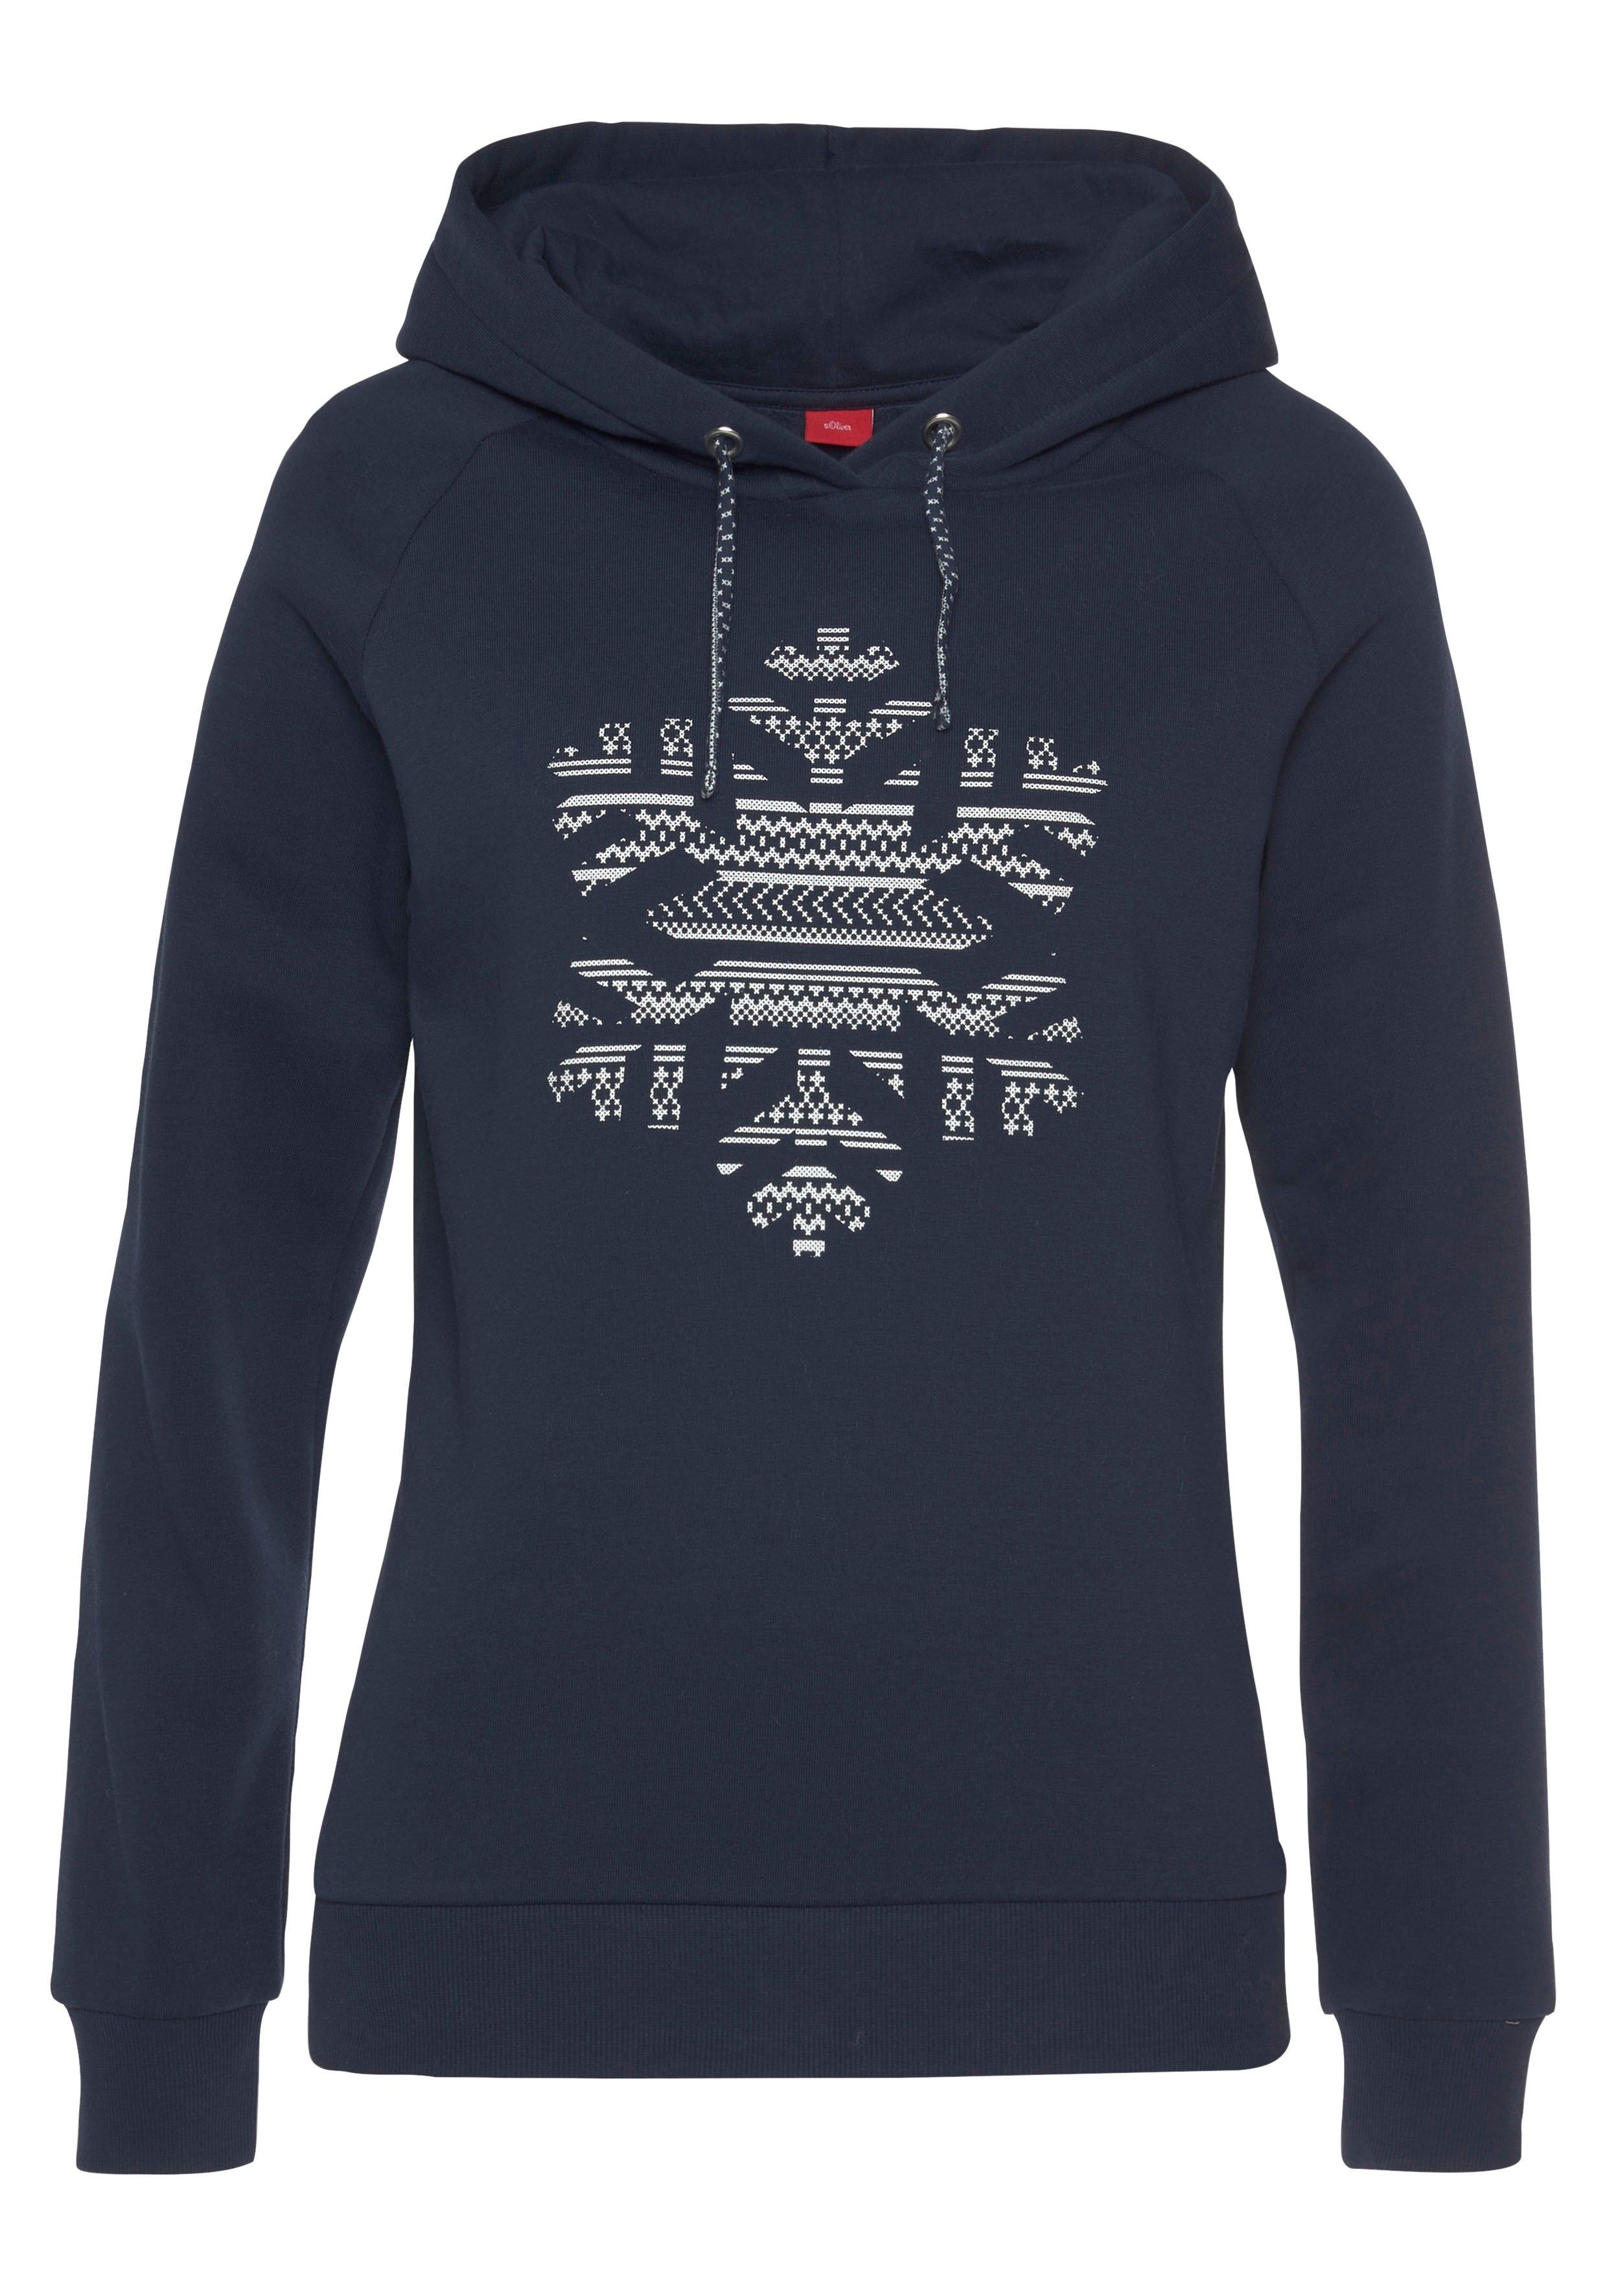 s.Oliver RED LABEL Beachwear hoodie met sneeuwvlokkenprint voor voordelig en veilig online kopen